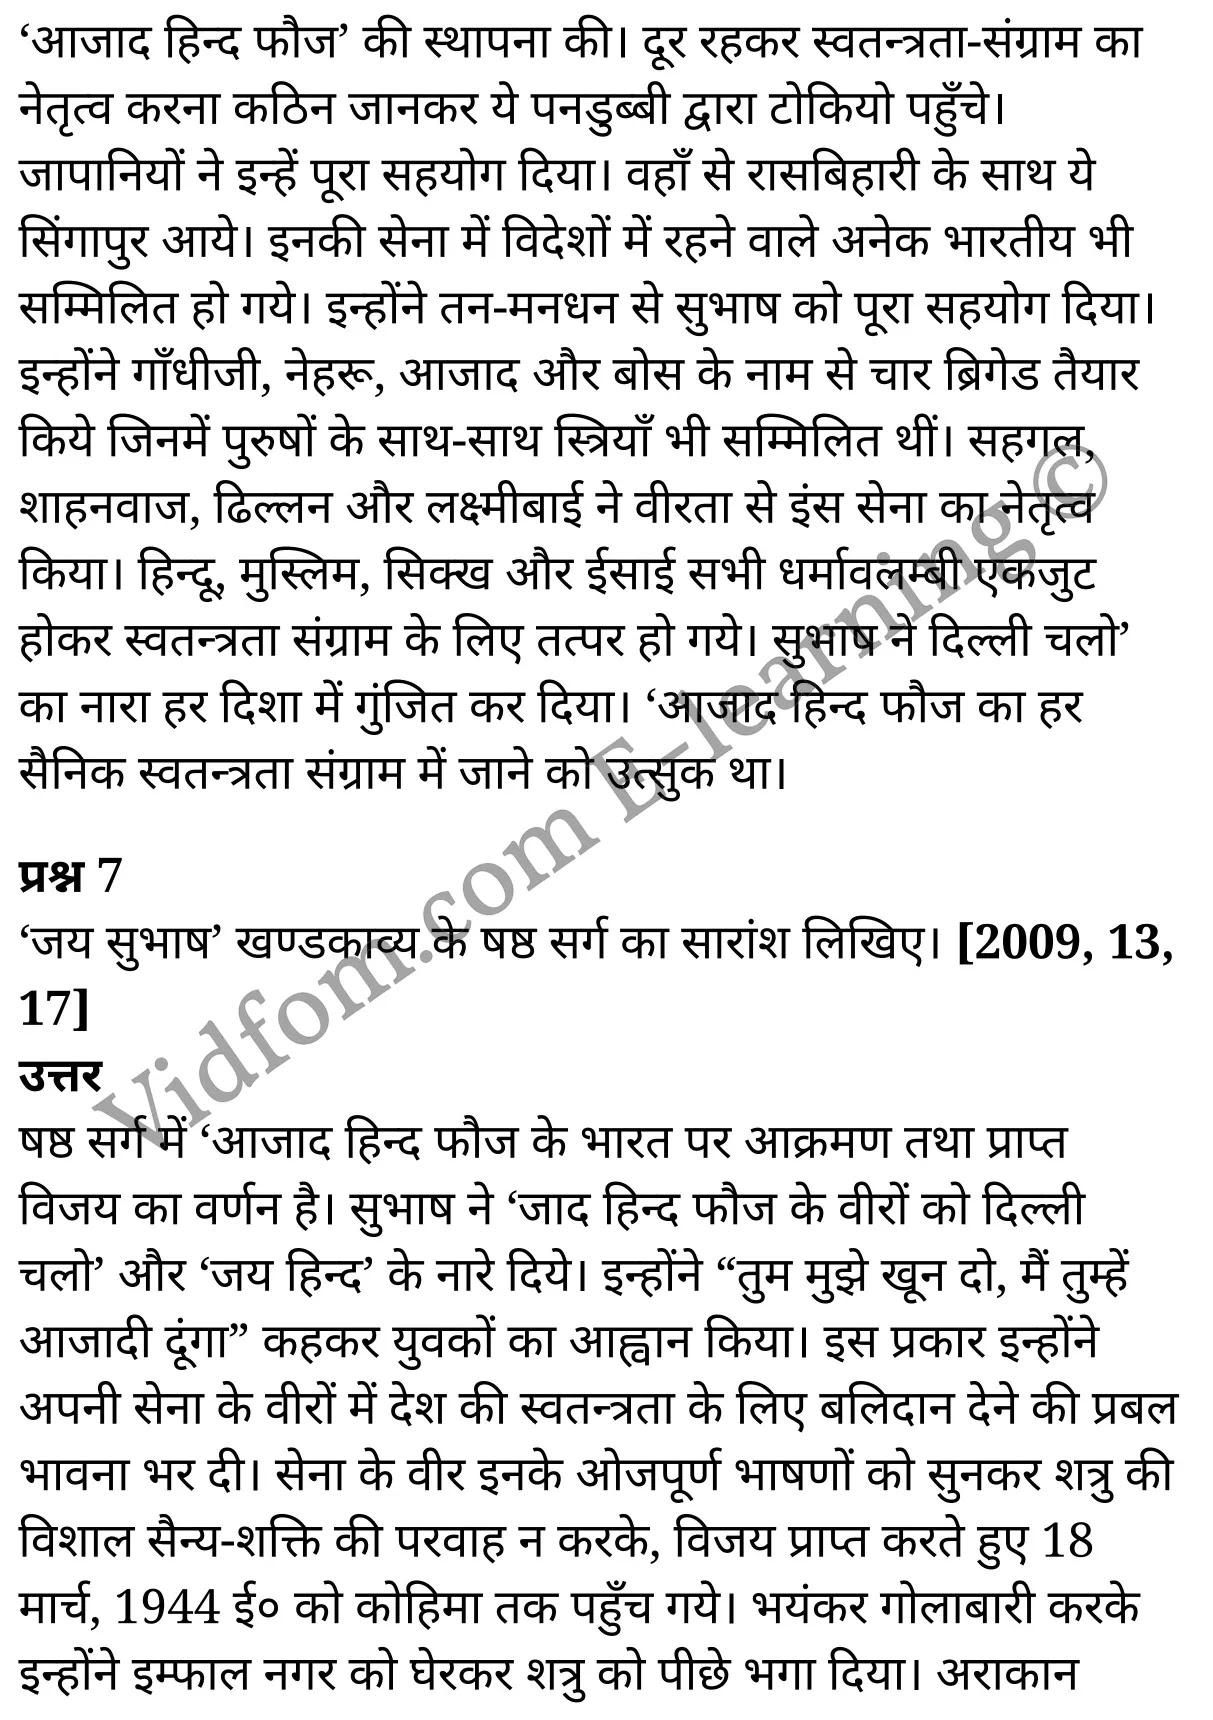 कक्षा 10 हिंदी  के नोट्स  हिंदी में एनसीईआरटी समाधान,     class 10 Hindi khand kaavya Chapter 4,   class 10 Hindi khand kaavya Chapter 4 ncert solutions in Hindi,   class 10 Hindi khand kaavya Chapter 4 notes in hindi,   class 10 Hindi khand kaavya Chapter 4 question answer,   class 10 Hindi khand kaavya Chapter 4 notes,   class 10 Hindi khand kaavya Chapter 4 class 10 Hindi khand kaavya Chapter 4 in  hindi,    class 10 Hindi khand kaavya Chapter 4 important questions in  hindi,   class 10 Hindi khand kaavya Chapter 4 notes in hindi,    class 10 Hindi khand kaavya Chapter 4 test,   class 10 Hindi khand kaavya Chapter 4 pdf,   class 10 Hindi khand kaavya Chapter 4 notes pdf,   class 10 Hindi khand kaavya Chapter 4 exercise solutions,   class 10 Hindi khand kaavya Chapter 4 notes study rankers,   class 10 Hindi khand kaavya Chapter 4 notes,    class 10 Hindi khand kaavya Chapter 4  class 10  notes pdf,   class 10 Hindi khand kaavya Chapter 4 class 10  notes  ncert,   class 10 Hindi khand kaavya Chapter 4 class 10 pdf,   class 10 Hindi khand kaavya Chapter 4  book,   class 10 Hindi khand kaavya Chapter 4 quiz class 10  ,   कक्षा 10 जय सुभाष,  कक्षा 10 जय सुभाष  के नोट्स हिंदी में,  कक्षा 10 जय सुभाष प्रश्न उत्तर,  कक्षा 10 जय सुभाष के नोट्स,  10 कक्षा जय सुभाष  हिंदी में, कक्षा 10 जय सुभाष  हिंदी में,  कक्षा 10 जय सुभाष  महत्वपूर्ण प्रश्न हिंदी में, कक्षा 10 हिंदी के नोट्स  हिंदी में, जय सुभाष हिंदी में कक्षा 10 नोट्स pdf,    जय सुभाष हिंदी में  कक्षा 10 नोट्स 2021 ncert,   जय सुभाष हिंदी  कक्षा 10 pdf,   जय सुभाष हिंदी में  पुस्तक,   जय सुभाष हिंदी में की बुक,   जय सुभाष हिंदी में  प्रश्नोत्तरी class 10 ,  10   वीं जय सुभाष  पुस्तक up board,   बिहार बोर्ड 10  पुस्तक वीं जय सुभाष नोट्स,    जय सुभाष  कक्षा 10 नोट्स 2021 ncert,   जय सुभाष  कक्षा 10 pdf,   जय सुभाष  पुस्तक,   जय सुभाष की बुक,   जय सुभाष प्रश्नोत्तरी class 10,   10  th class 10 Hindi khand kaavya Chapter 4  book up board,   up board 10  th class 10 Hindi khand kaavya Chapter 4 notes,  class 10 Hindi,   cla